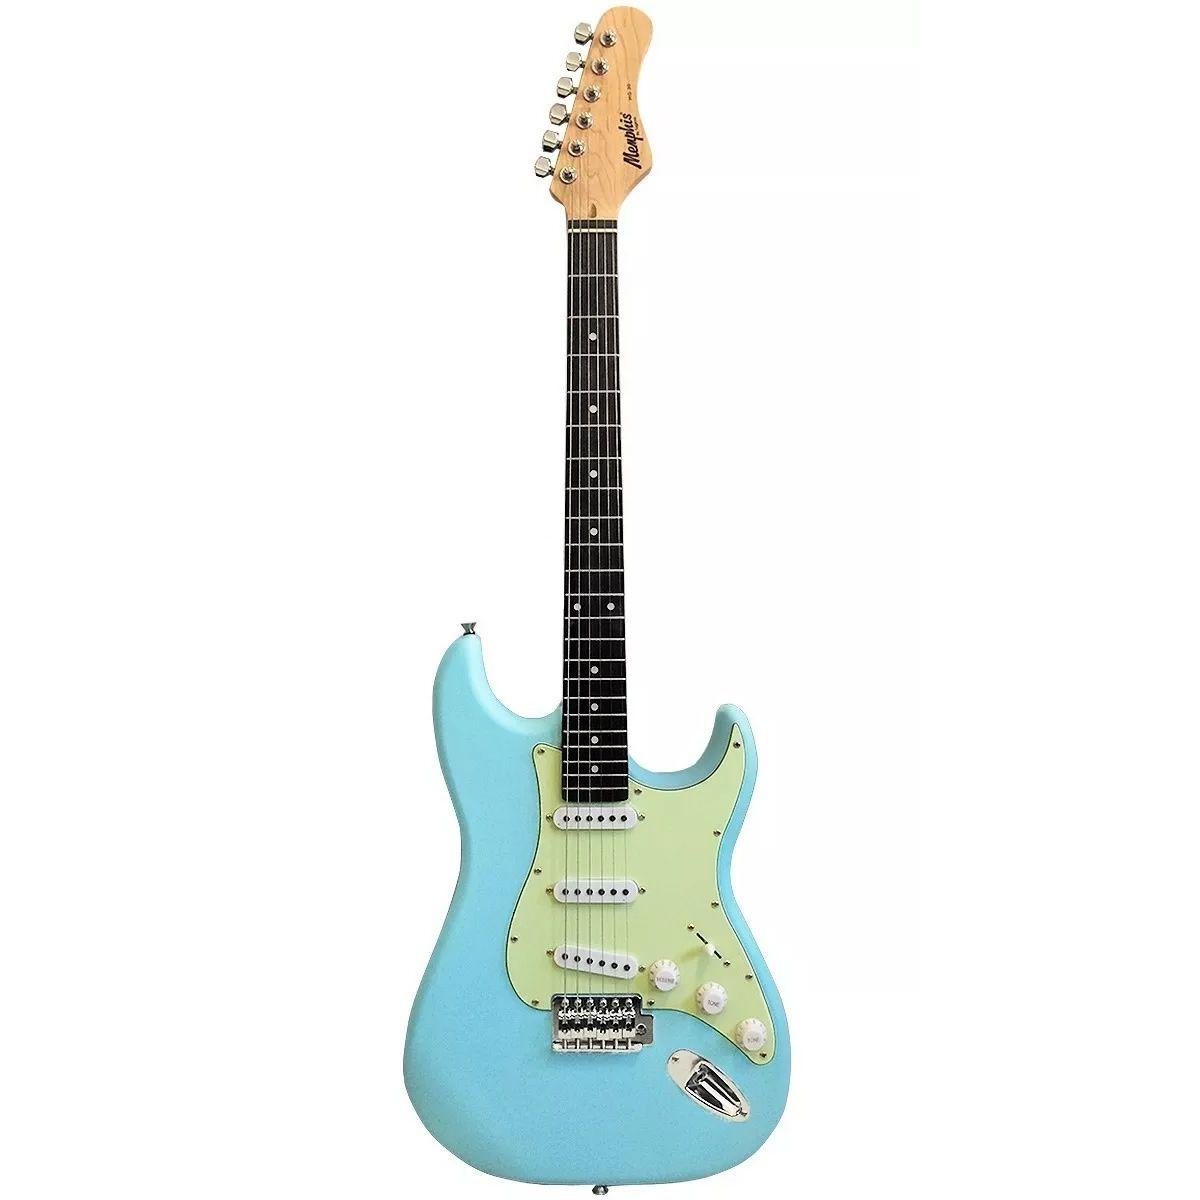 Guitarra MEMPHIS Tagima MG 30 SBLS Sonic Blue Satin Escudo MG Mintgreen